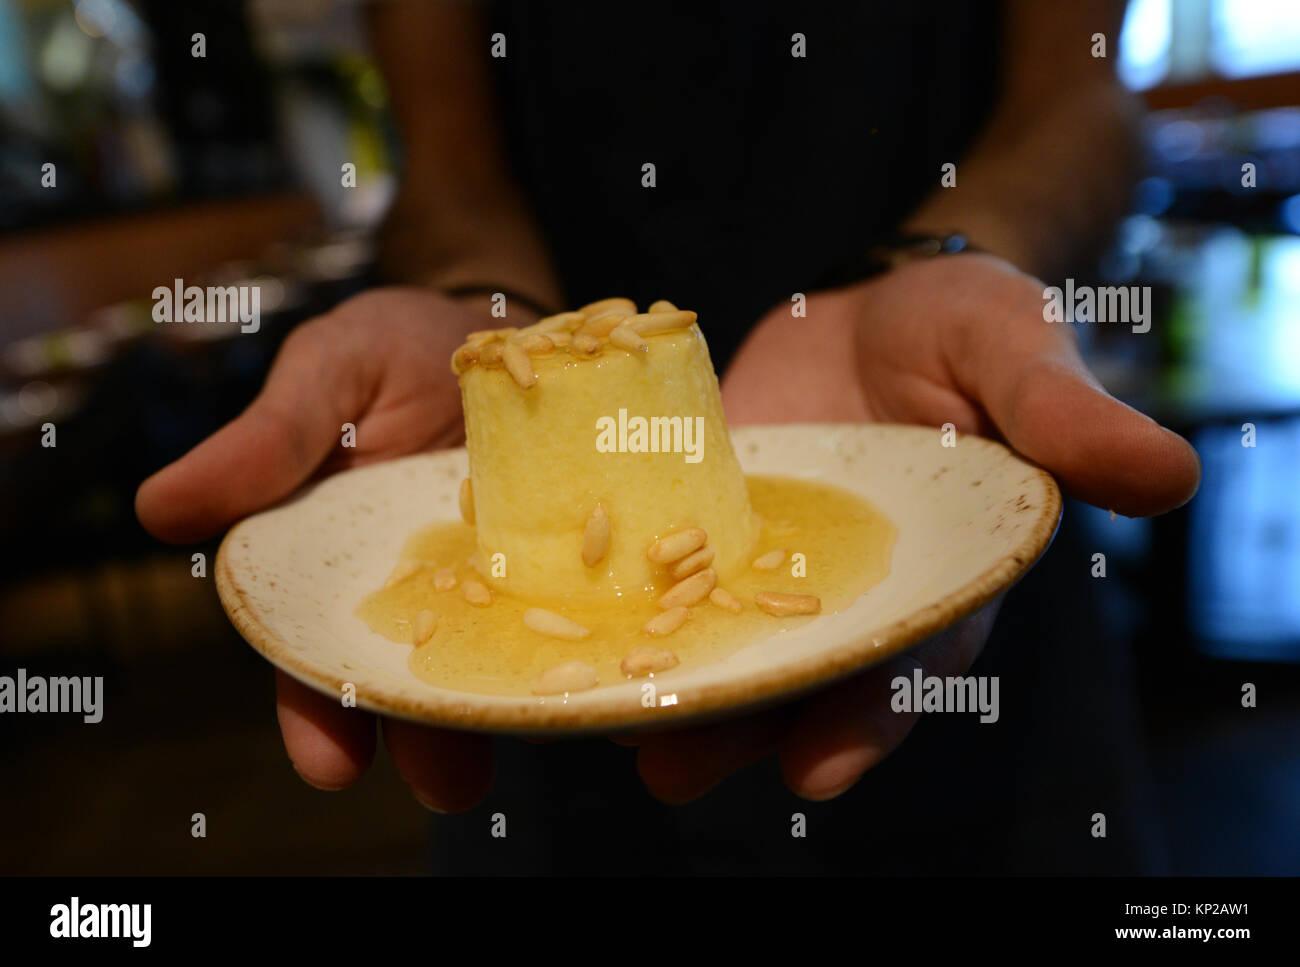 Ricotta Käse garniert mit Manuka Honig und Kiefer - Muttern. Stockbild